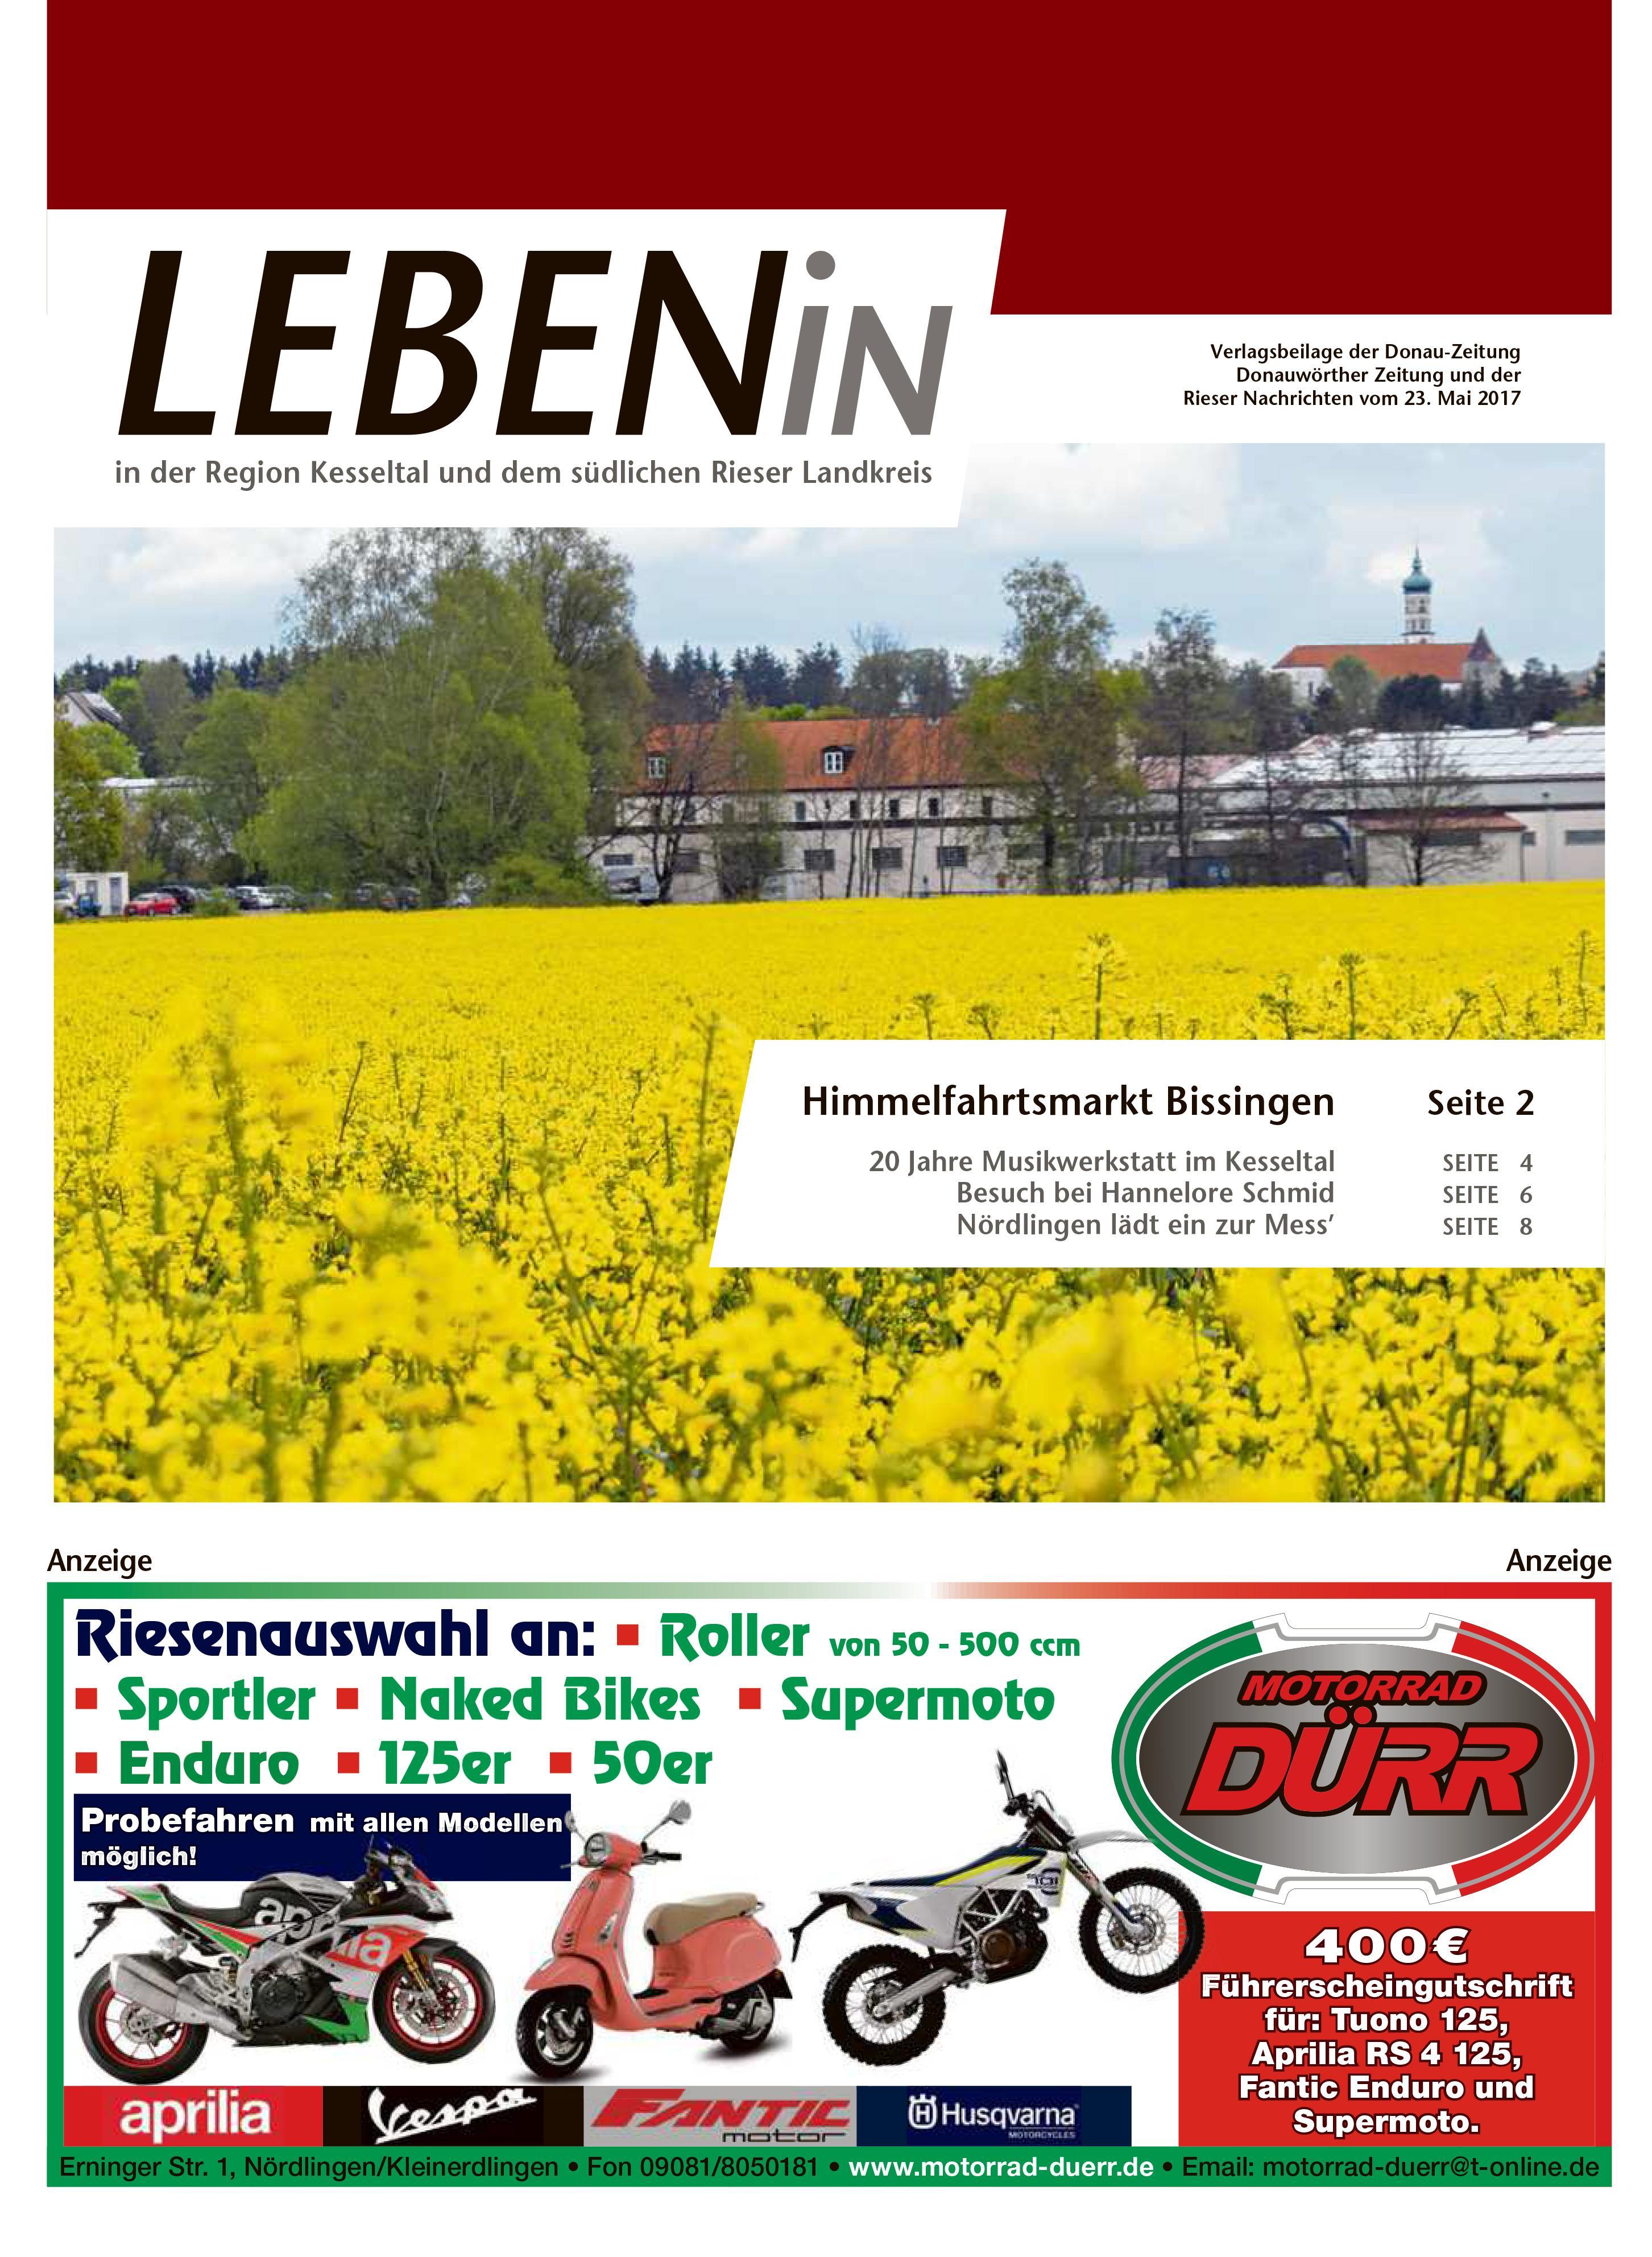 23.05.2017: Leben In: Für die Region Kesseltal und dem südlichen Rieser Landkreis